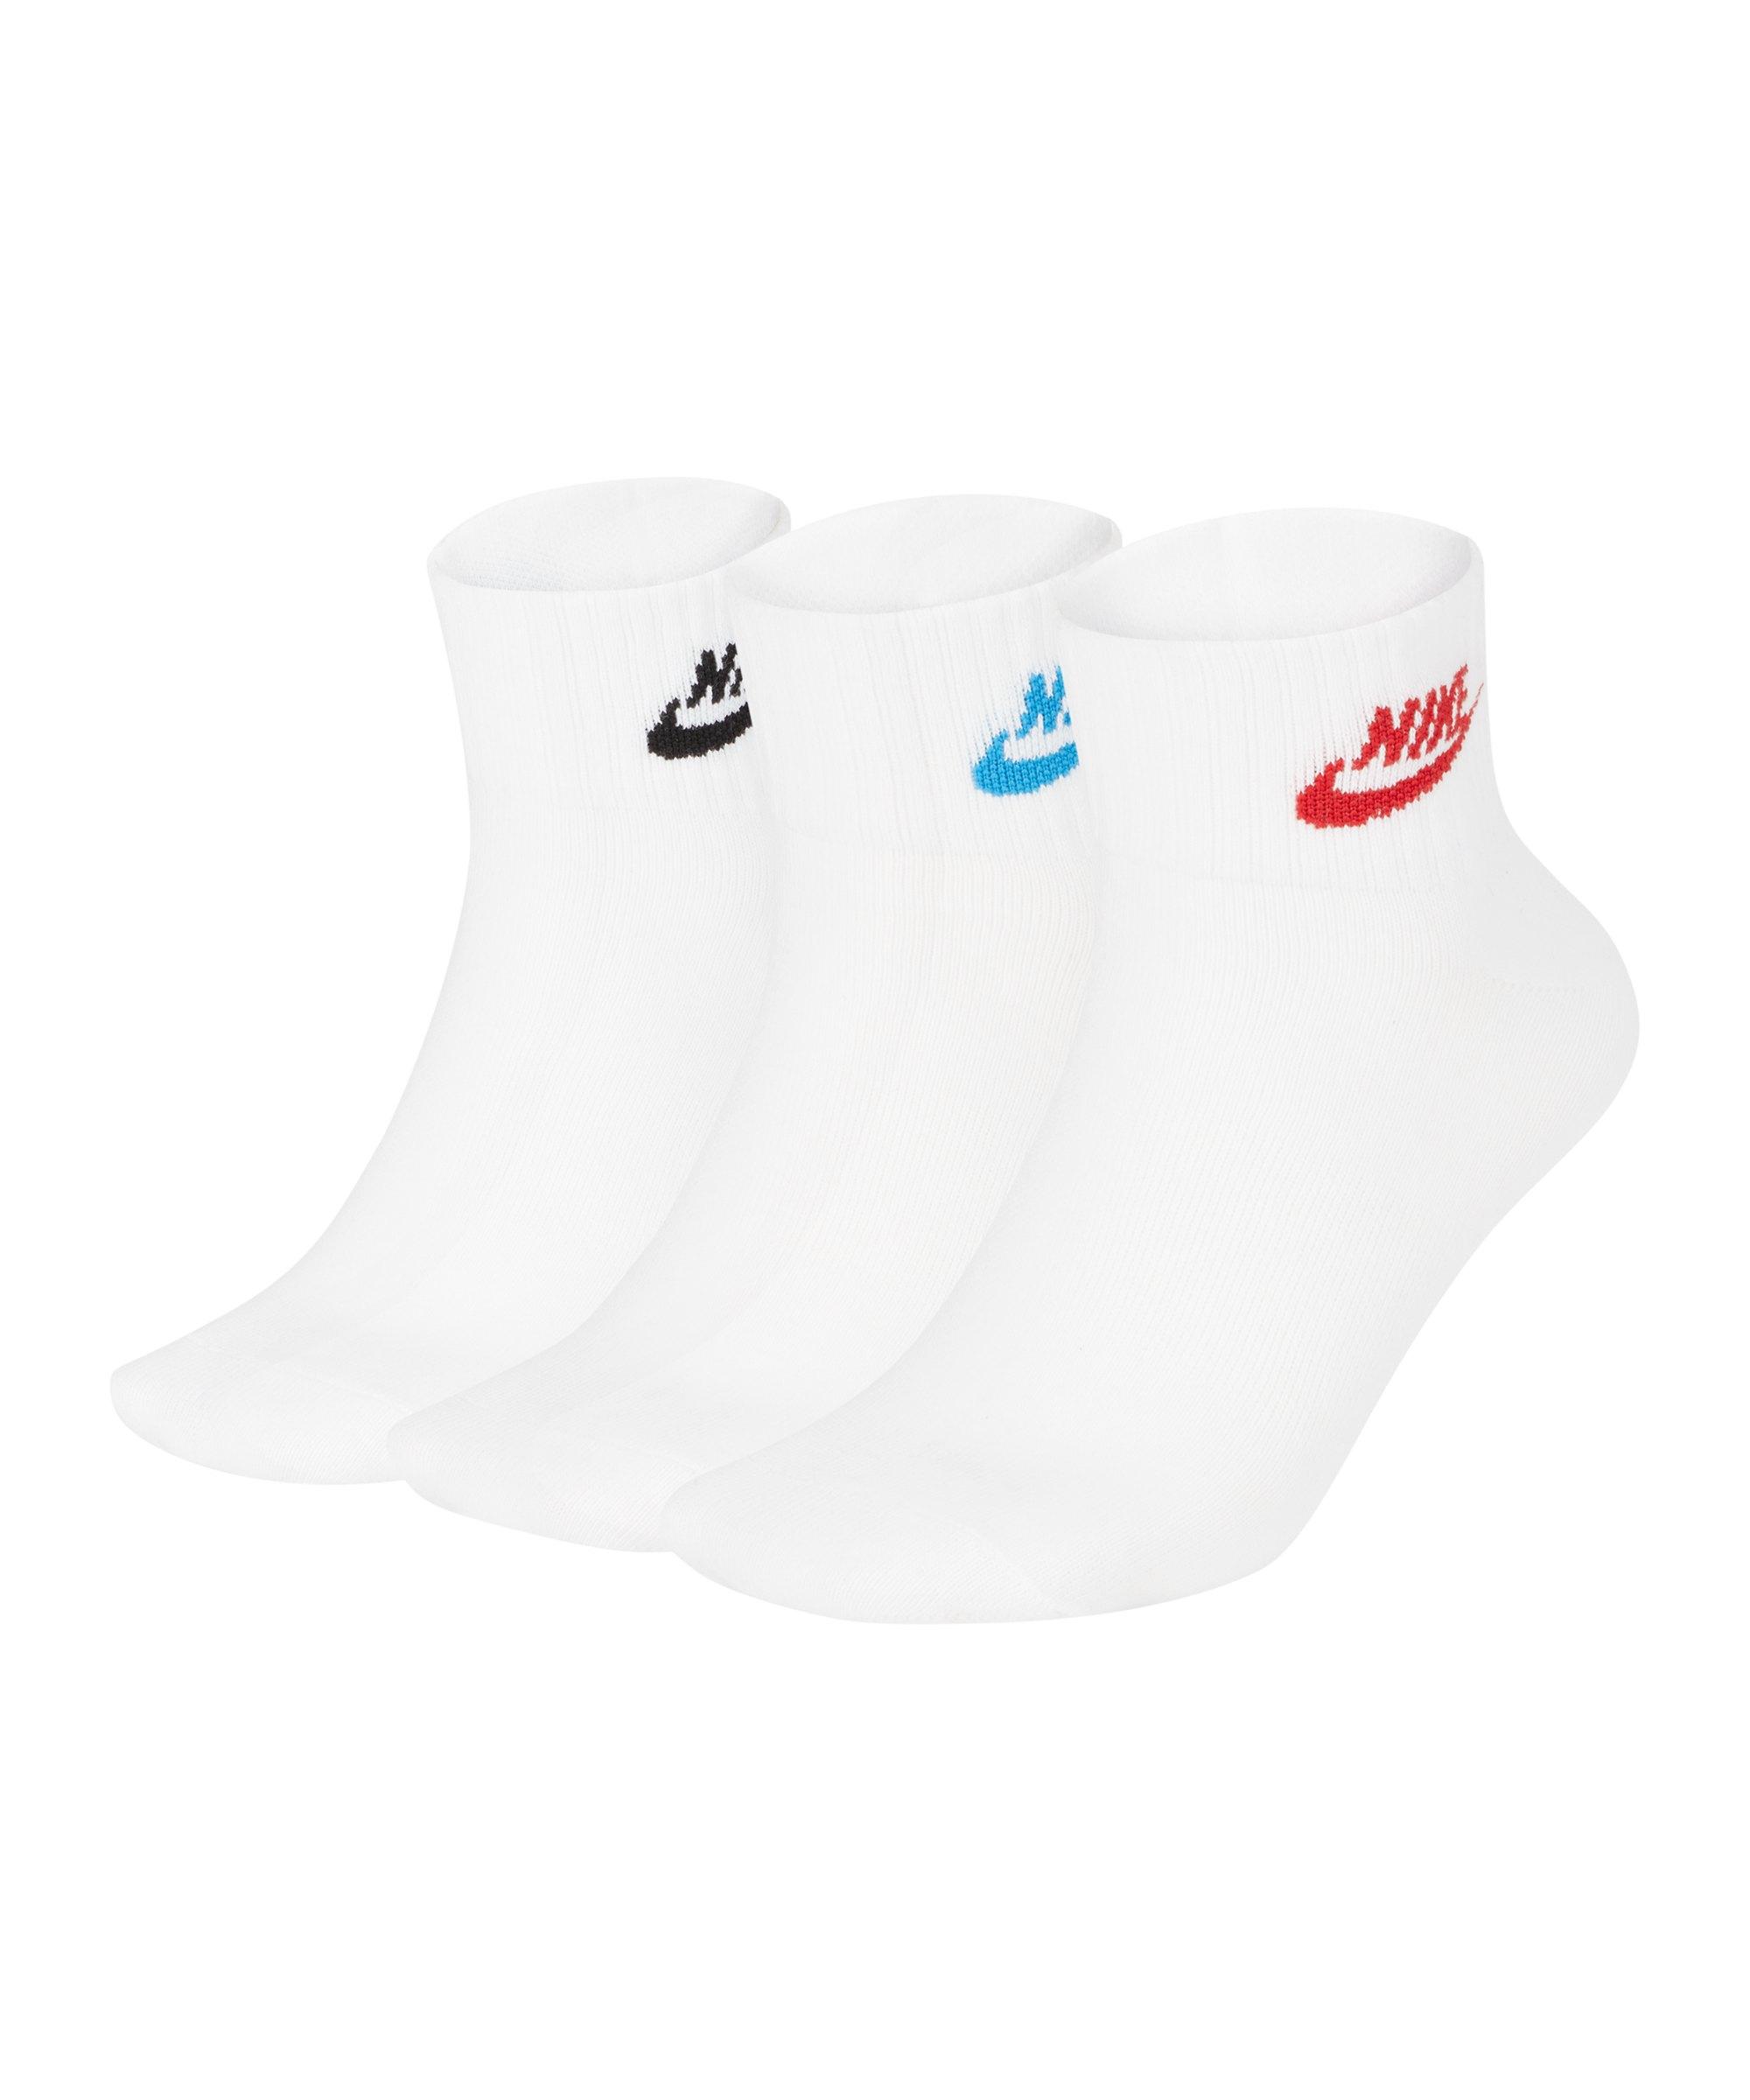 Nike Every Essential Socken 3er Pack Weiss F911 - weiss